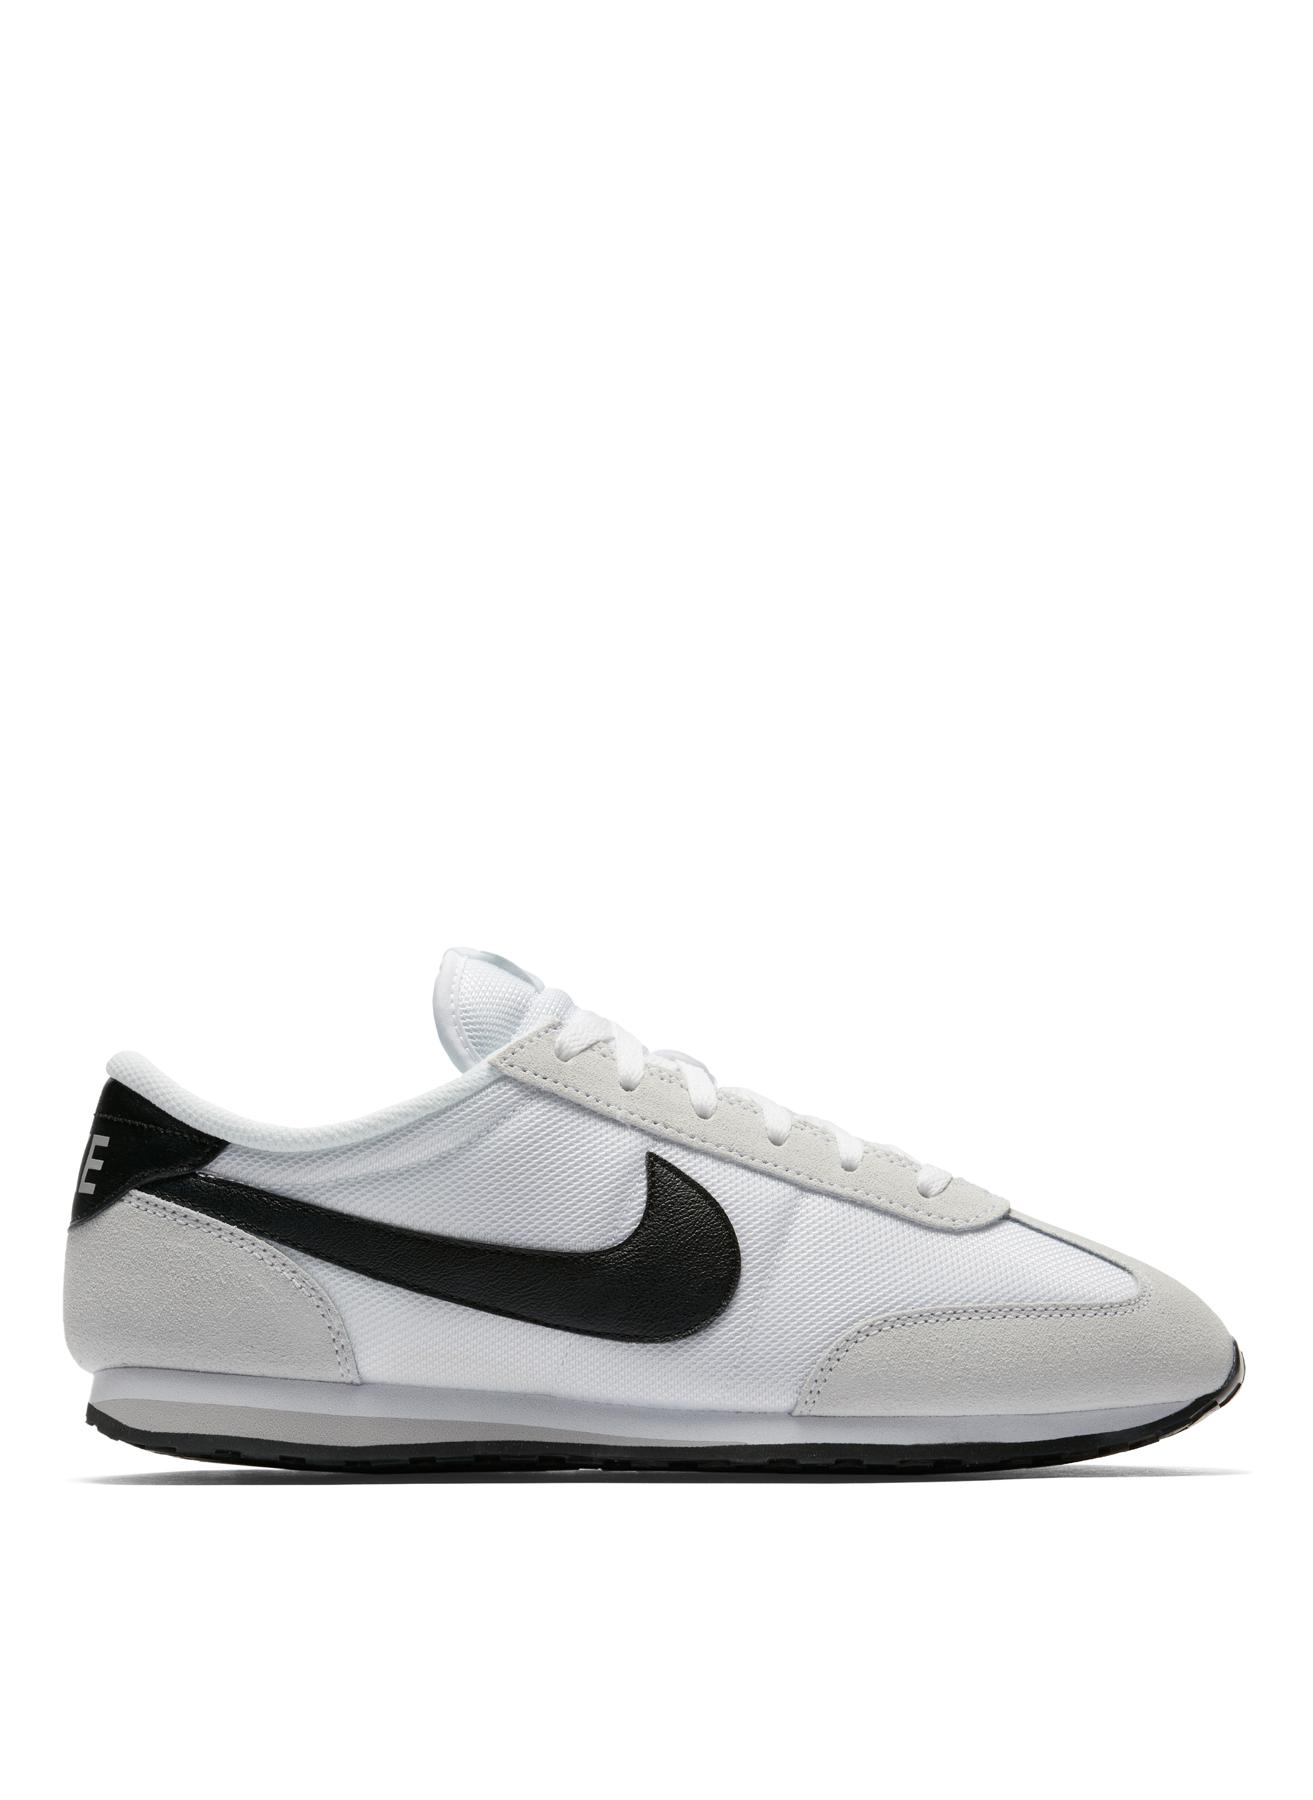 Nike Mach Runner Lifestyle Ayakkabı 42.5 5002364698004 Ürün Resmi